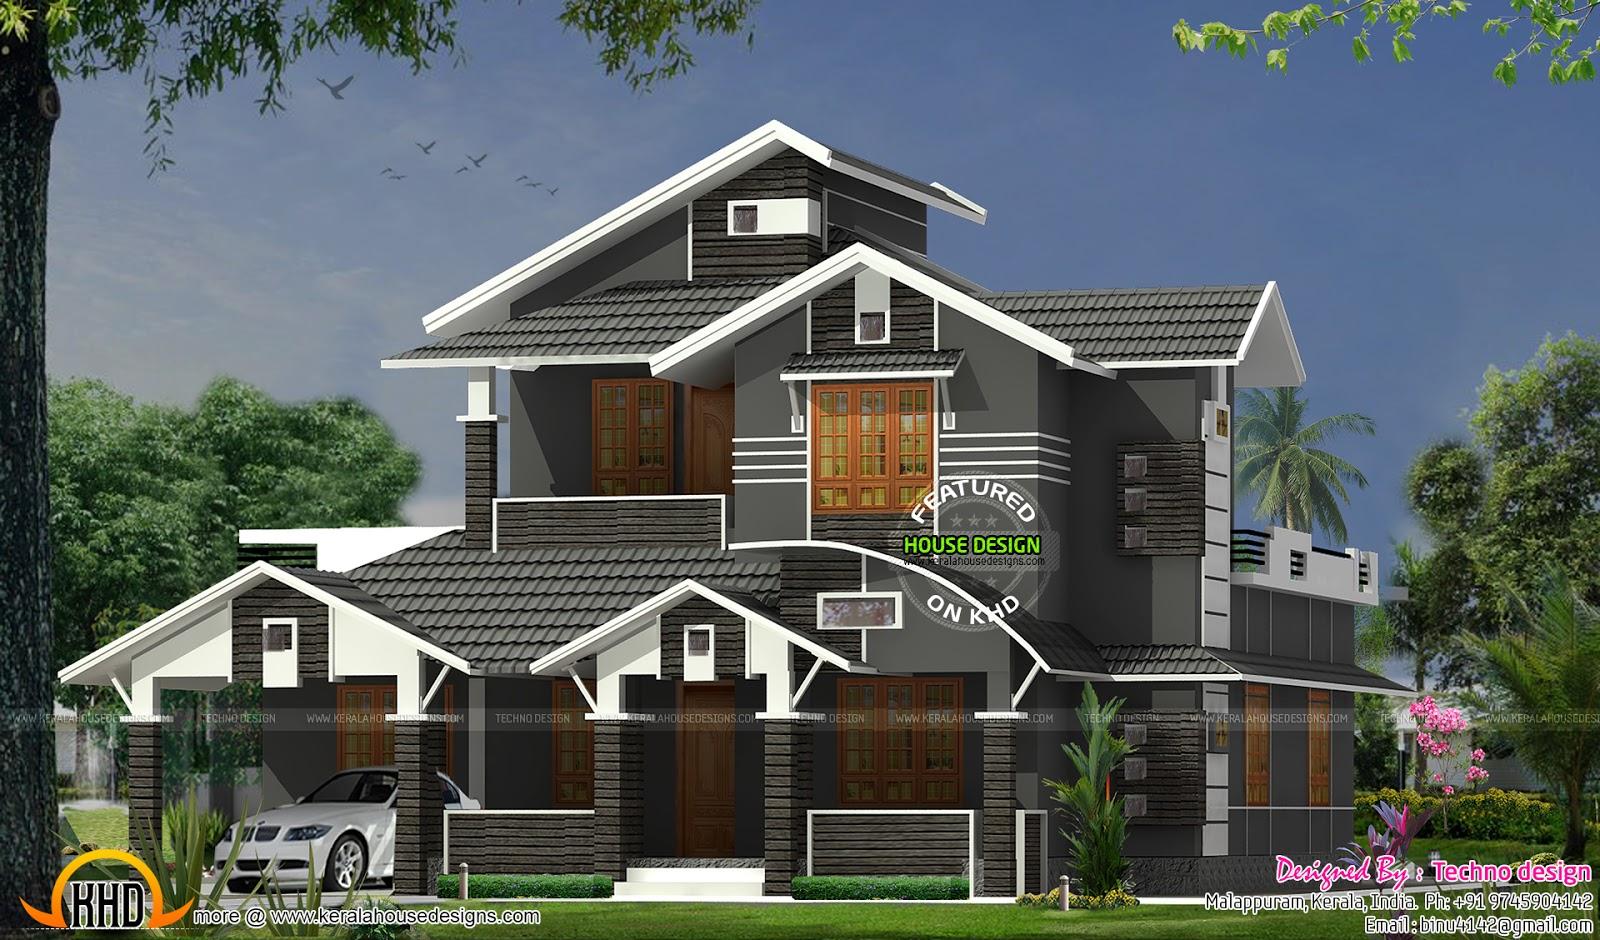 Front Elevation Slanting Roof Design : Slanting roof color and texture great design